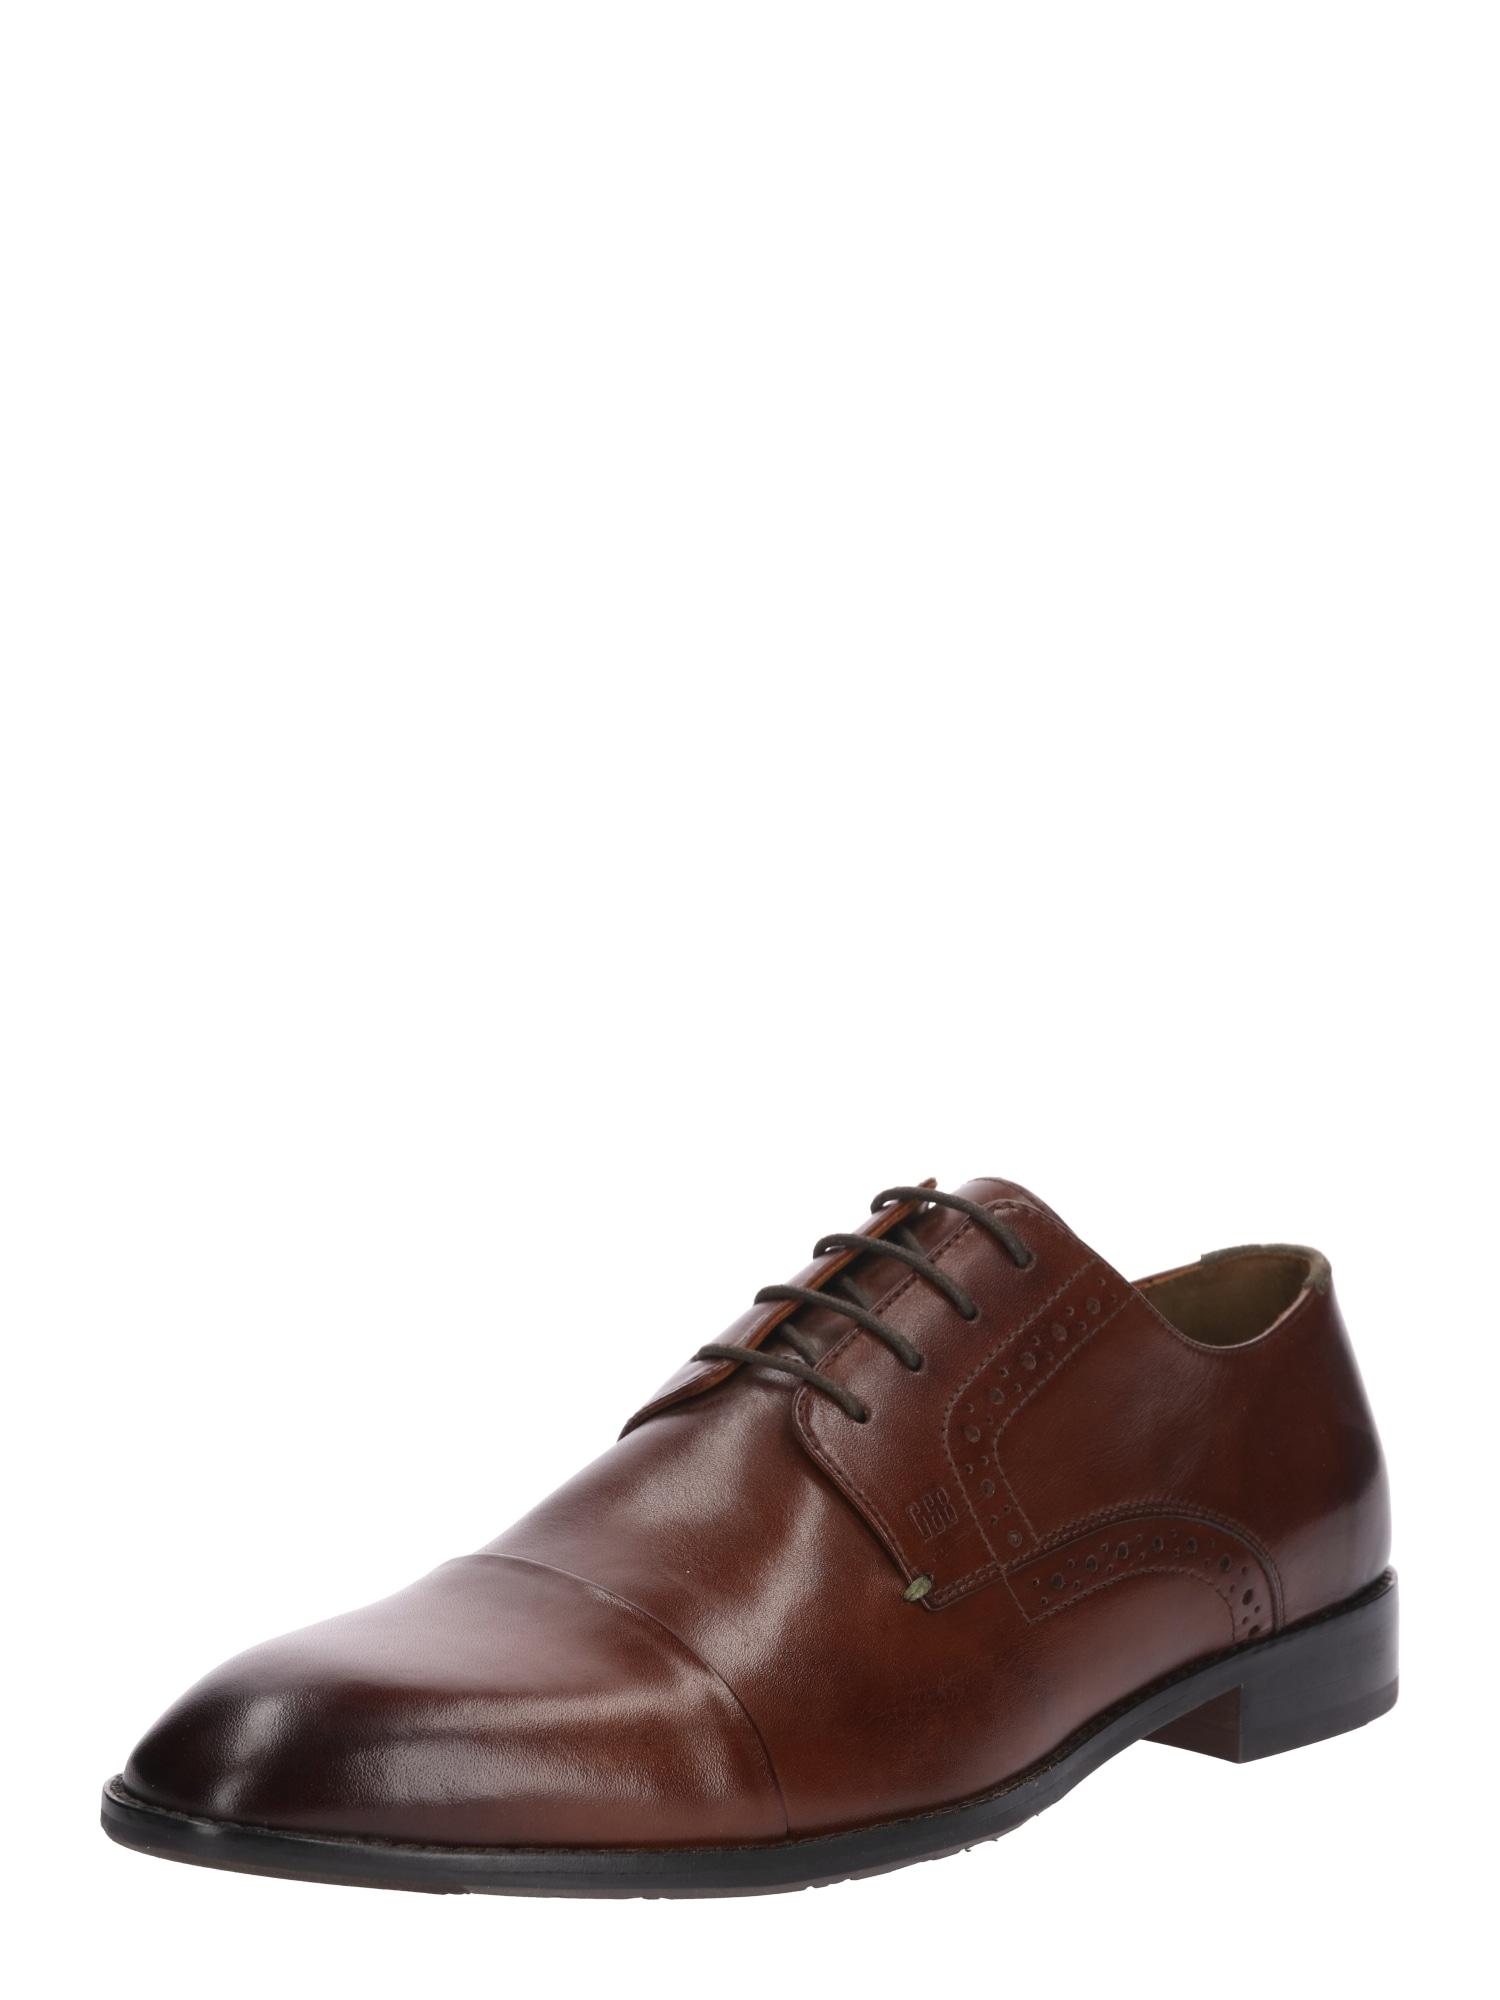 Šněrovací boty Mirco tmavě hnědá Gordon & Bros